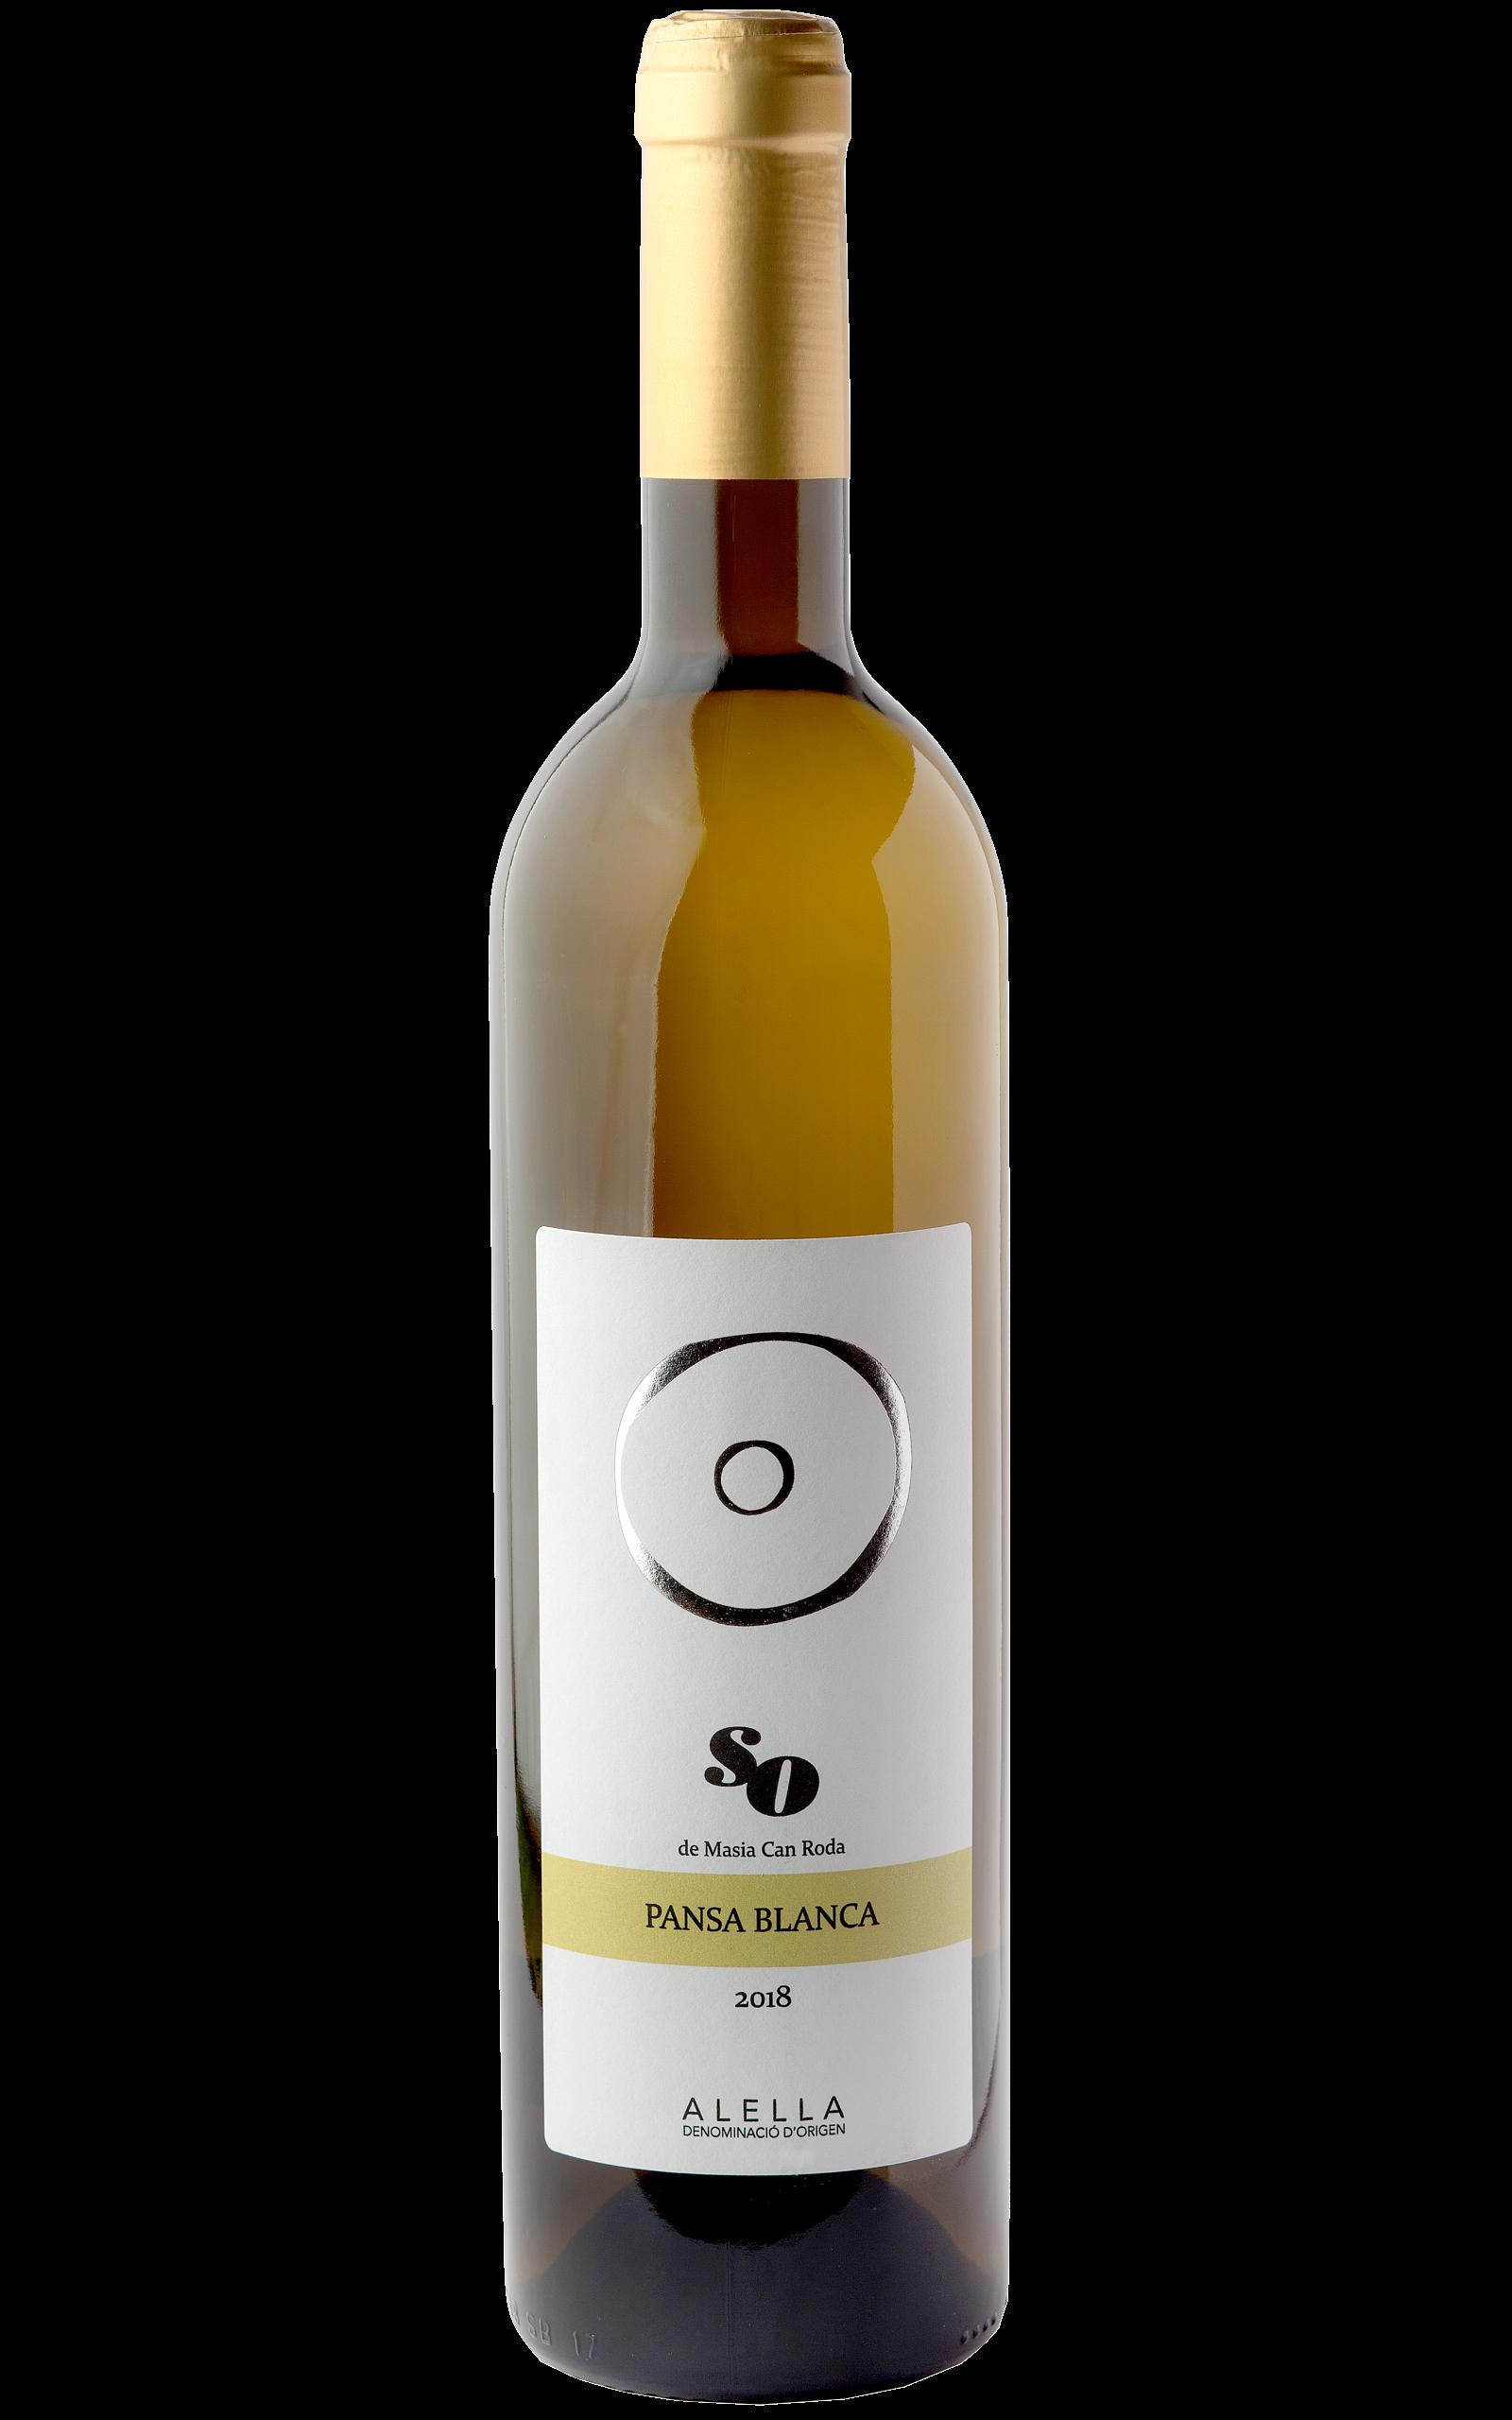 Vi blanc Pansa blanca - So de Masia Can Roda